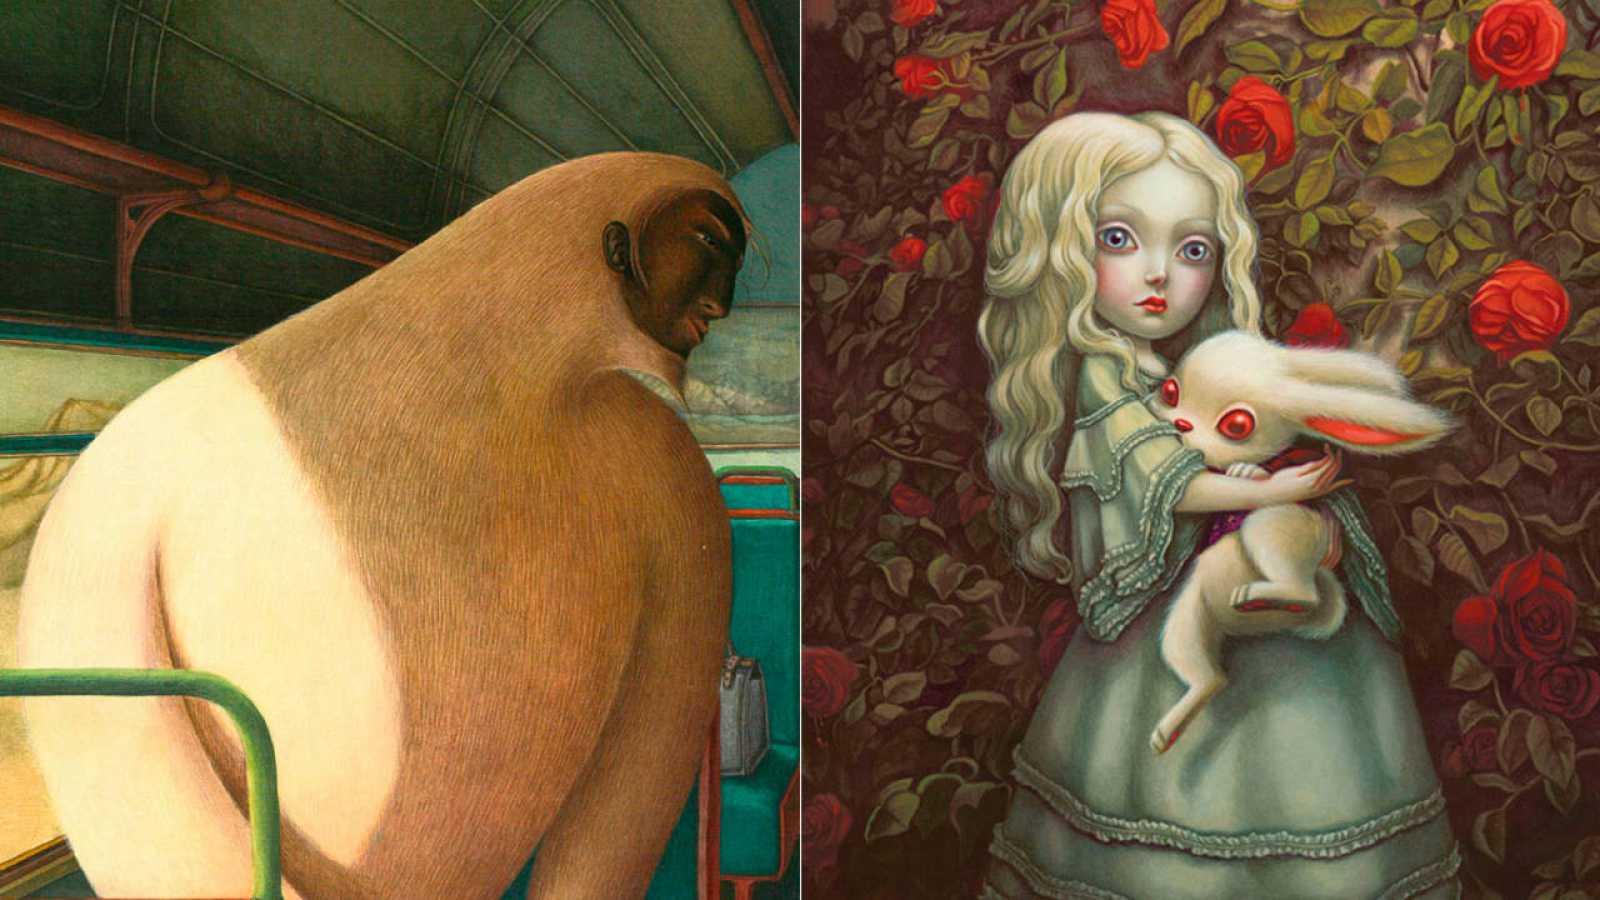 Ilustraciones de 'El yeti', de Dautremer, y 'Alicia', de Lacombe